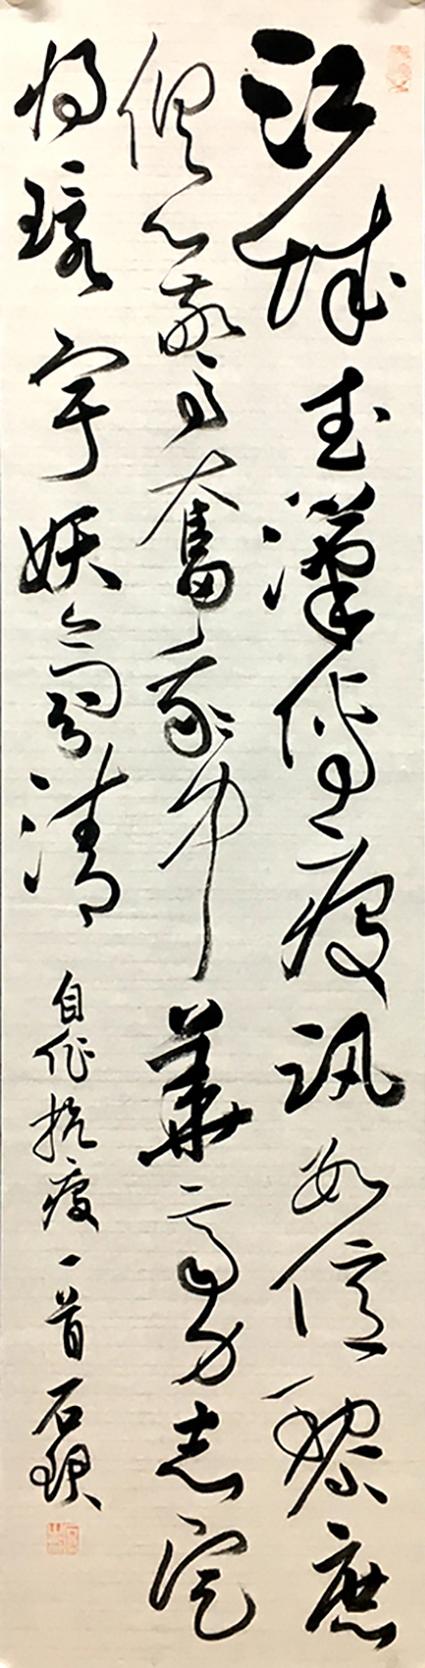 15石珺江城武漢傳疫訊,數億黎庶俱驚心。奮我中華齊力誌,定將環宇妖氛清。